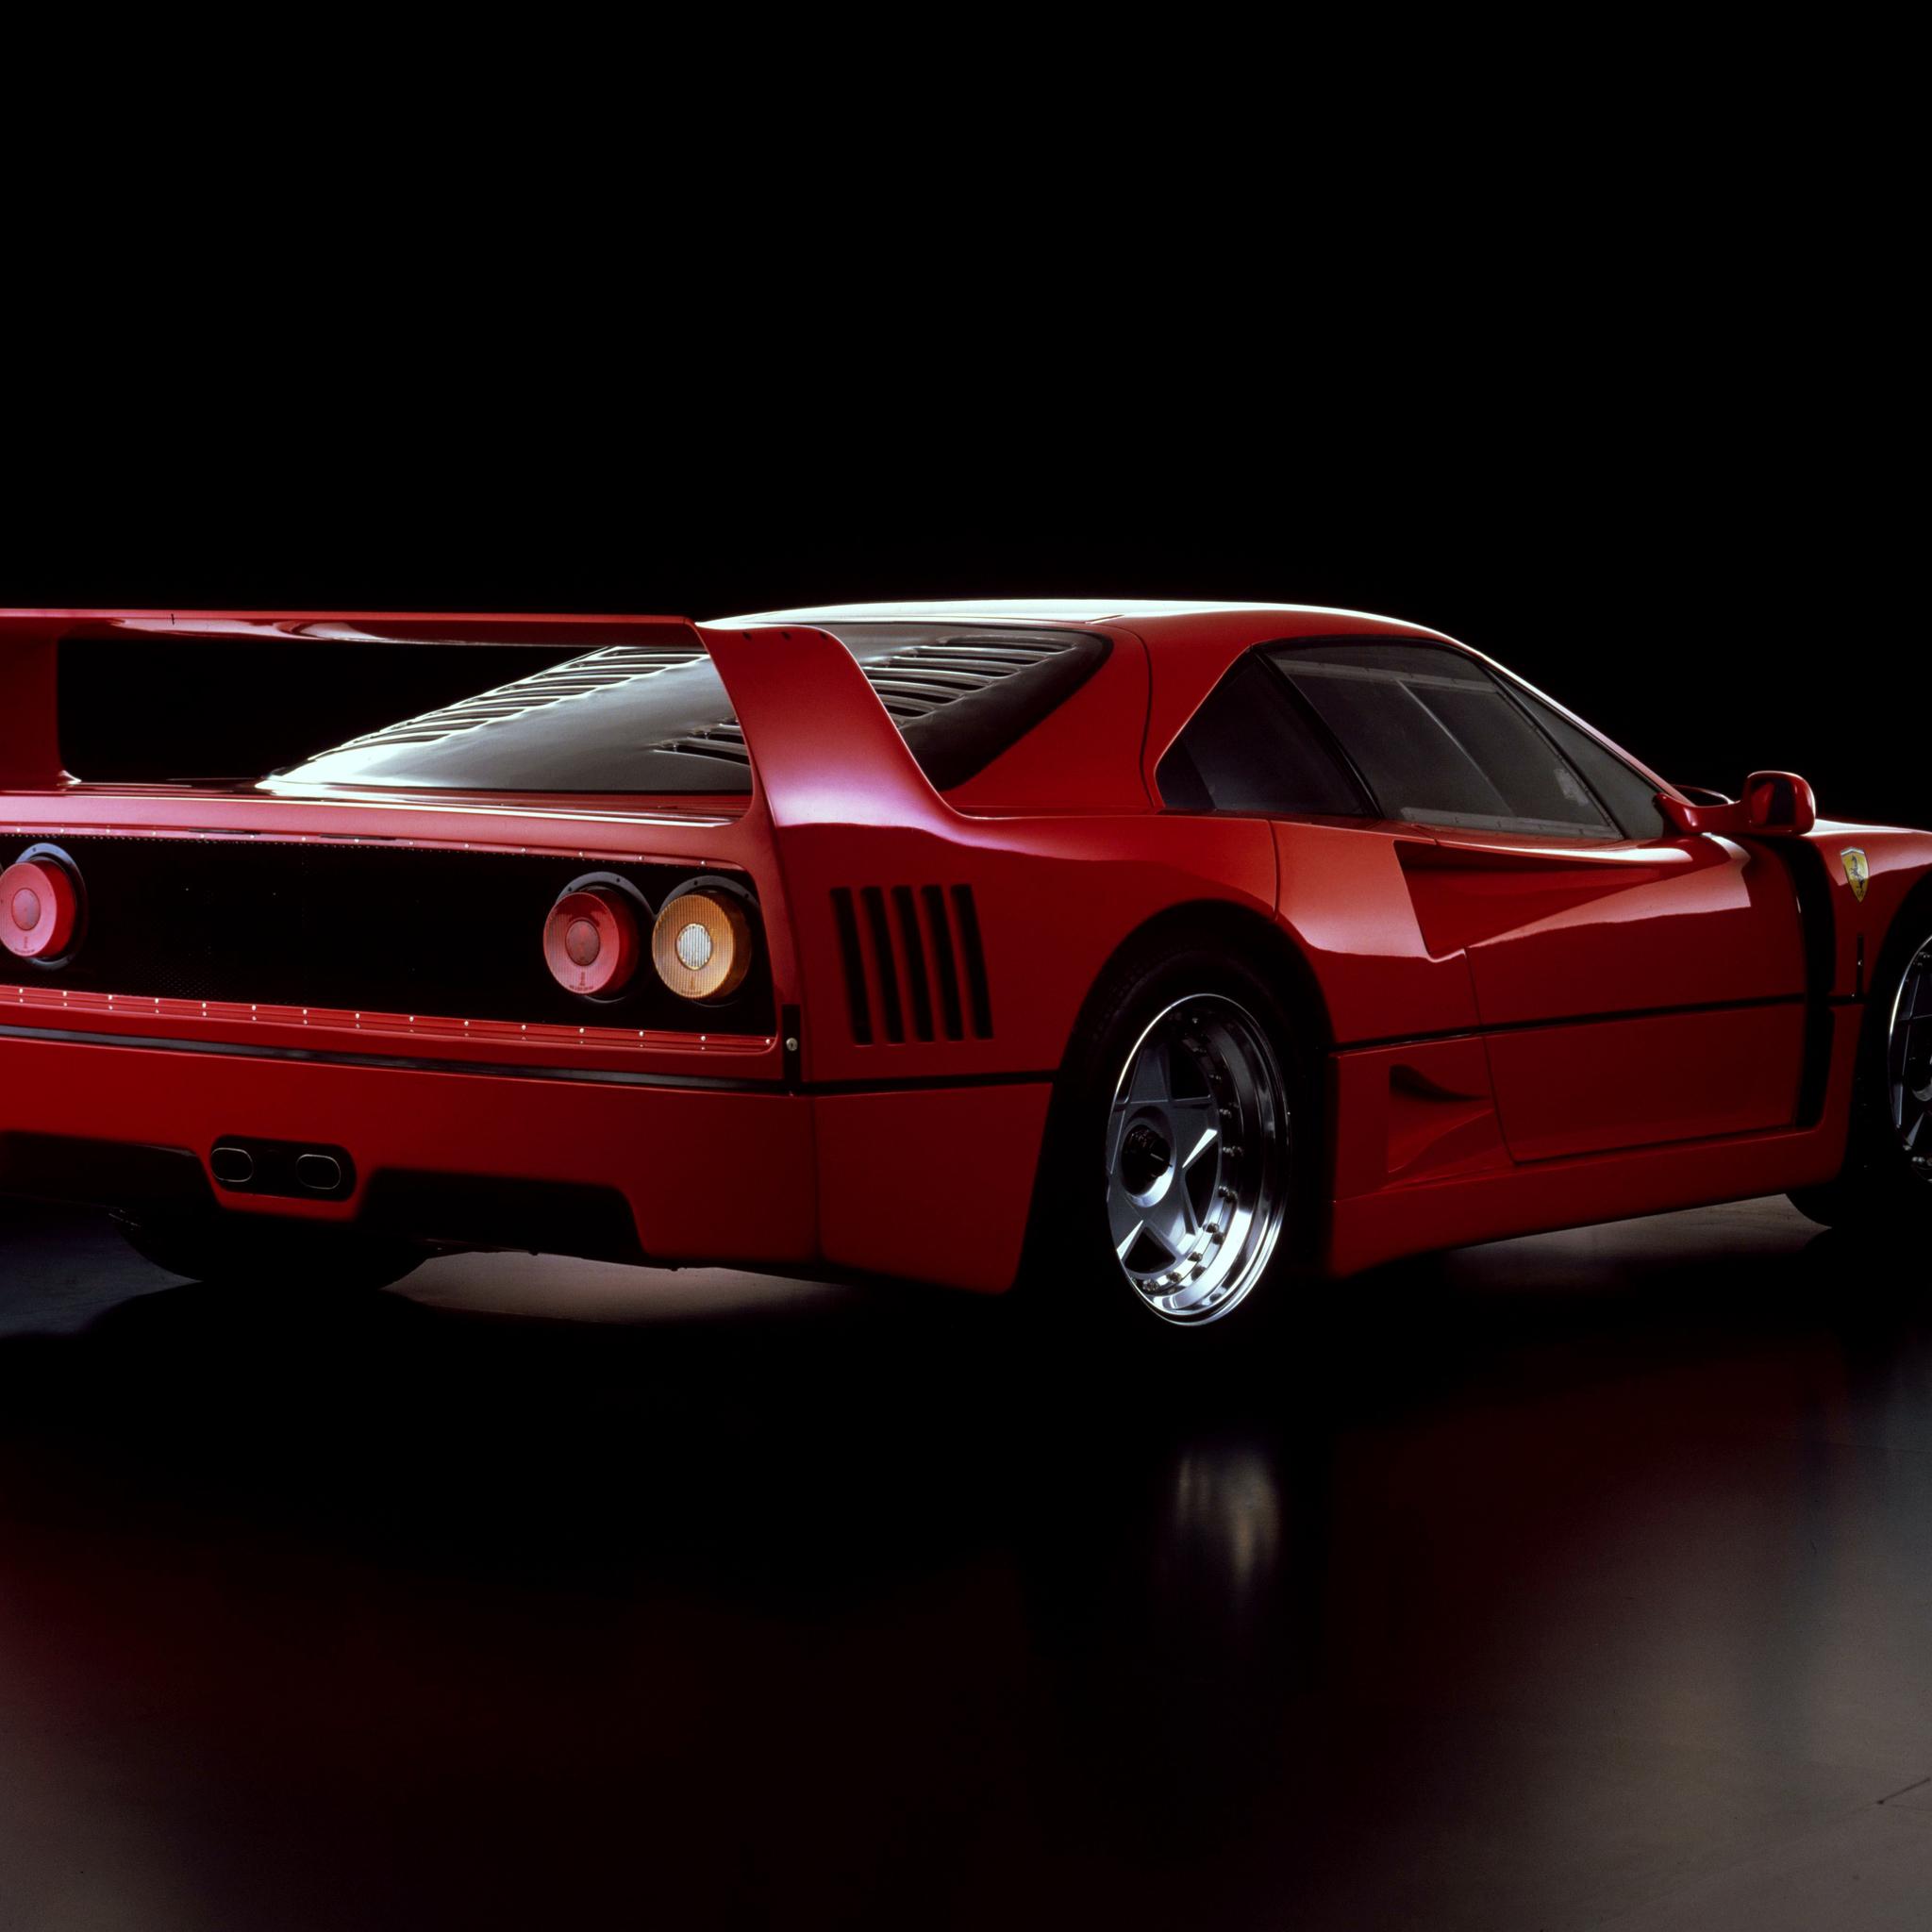 2048x2048 Ferrari F40 Prototipo Ipad Air HD 4k Wallpapers ...